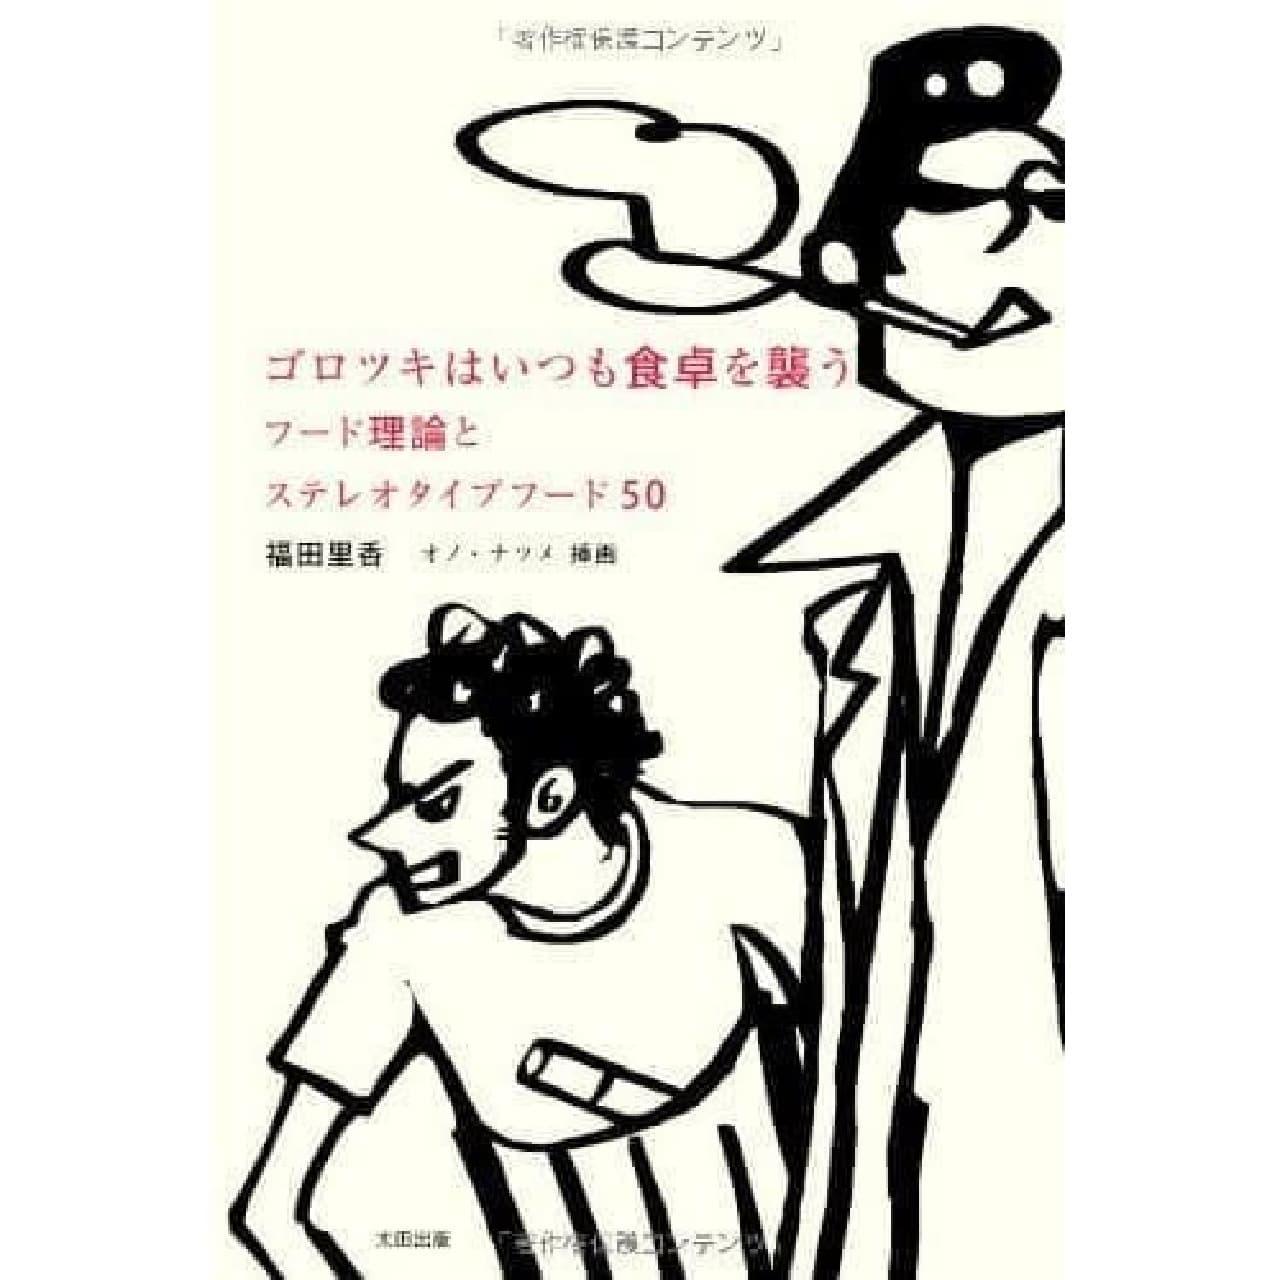 福田里香さん提唱の「フード三原則」が解説された『ゴロツキはいつも食卓を襲う』